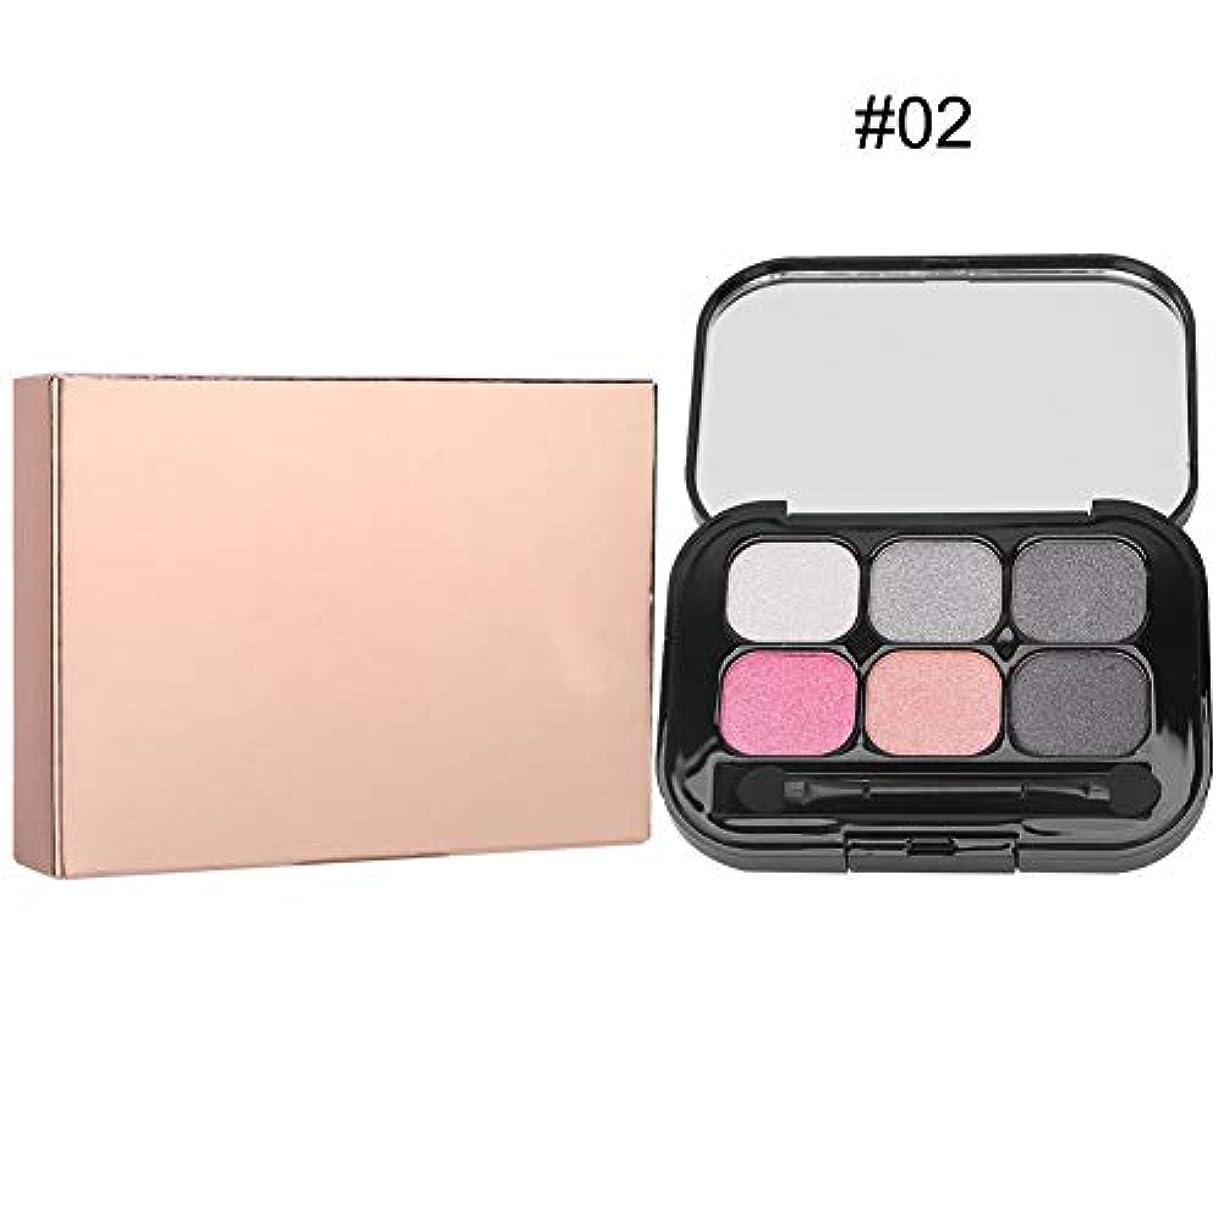 権利を与えるマイクロそれにもかかわらず16色 アイシャドウパレット アイシャドウパレット 化粧マット グロス アイシャドウパウダー 化粧品ツール (02)